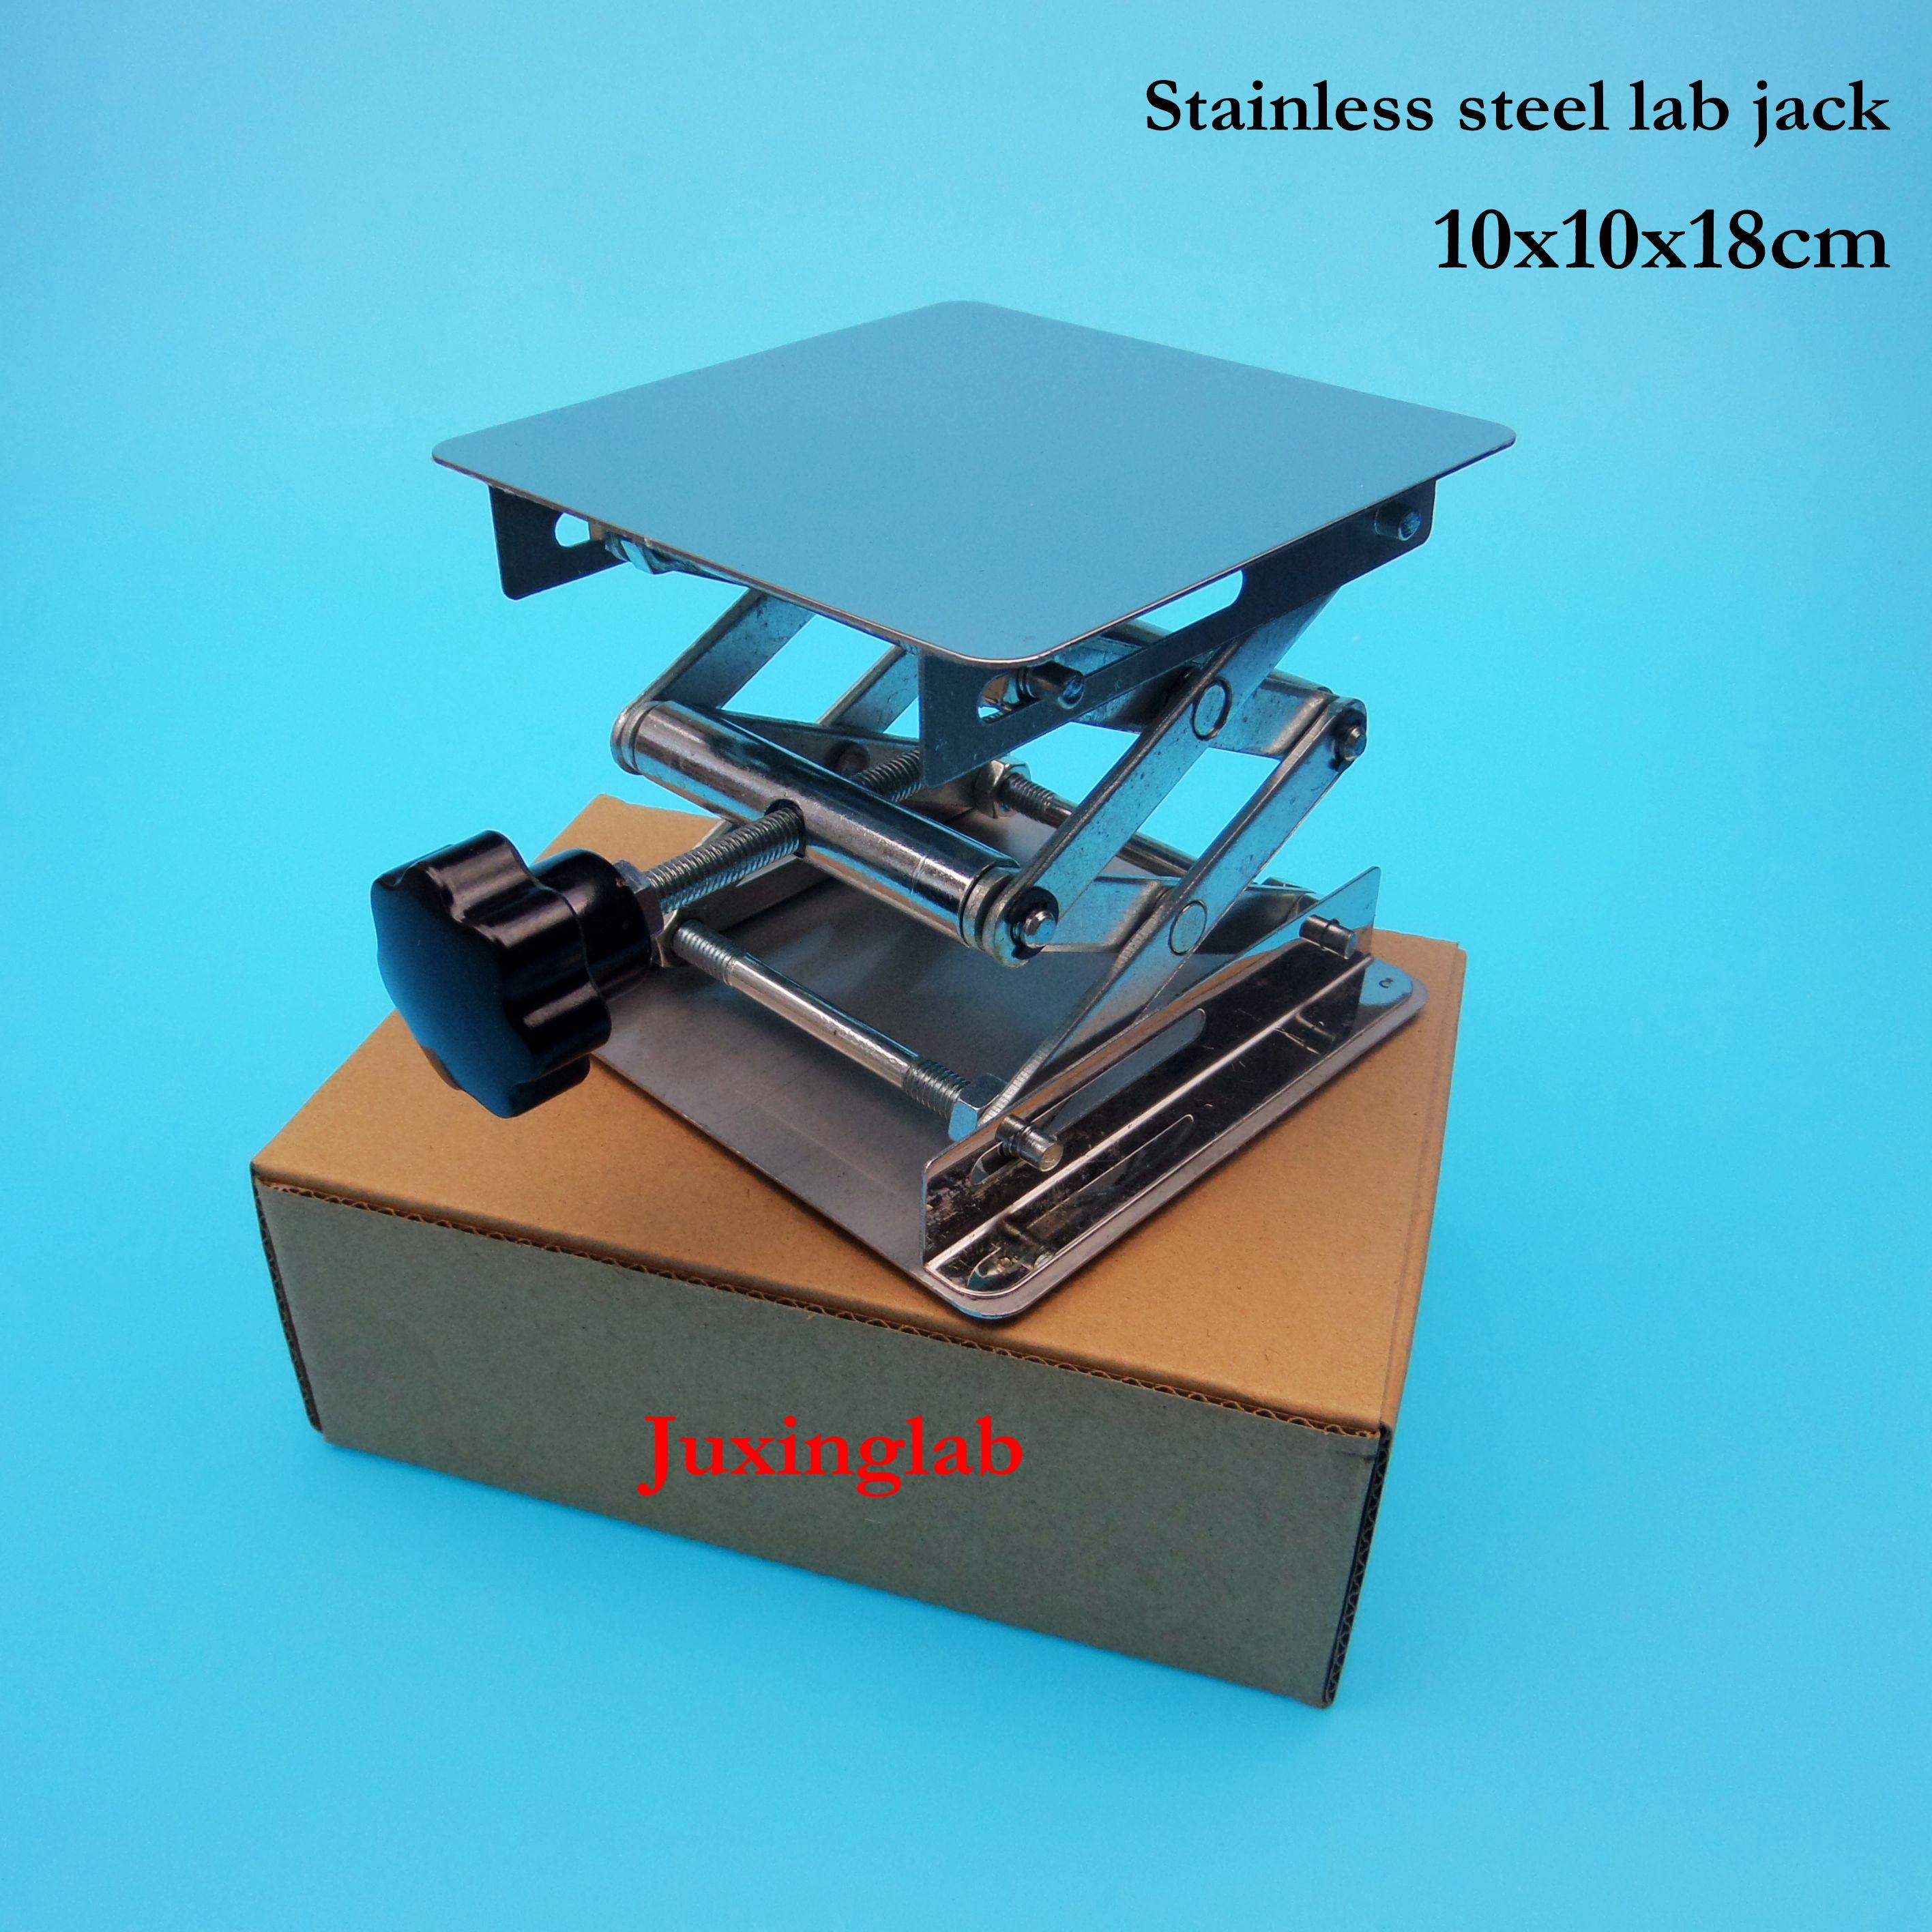 Лабораторные домкраты 100x100x180 мм, подъемная платформа из нержавеющей стали, 4 дюйма, 10x10x18 см